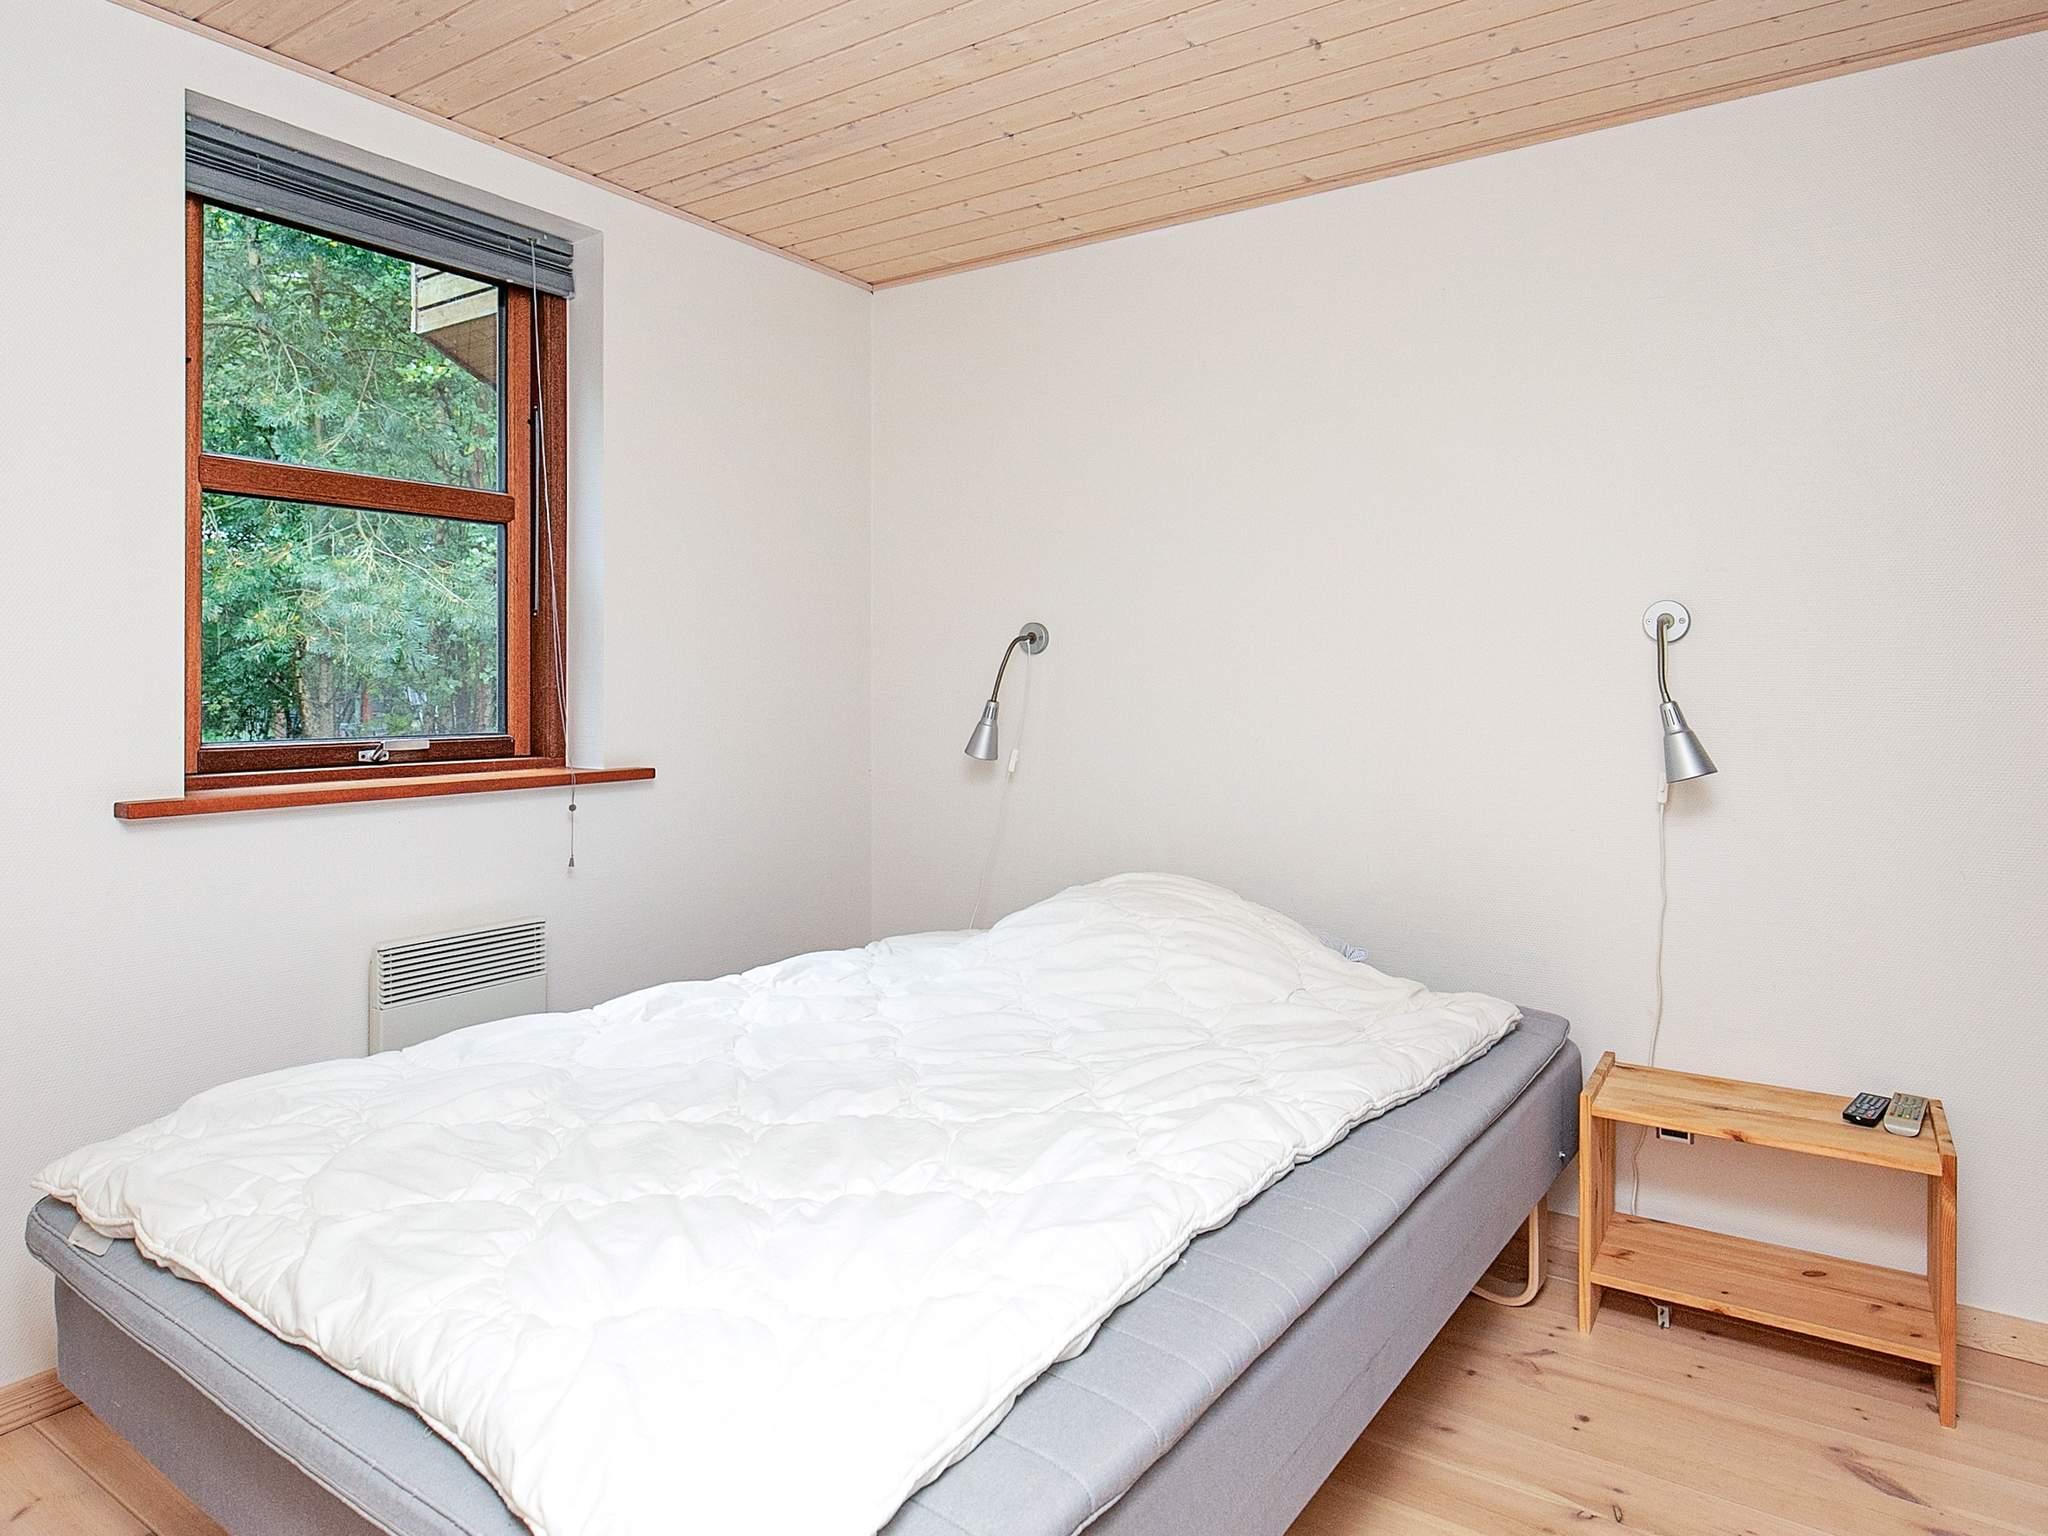 Ferienhaus Lynderup (259940), Lynderup, , Ostjütland, Dänemark, Bild 10